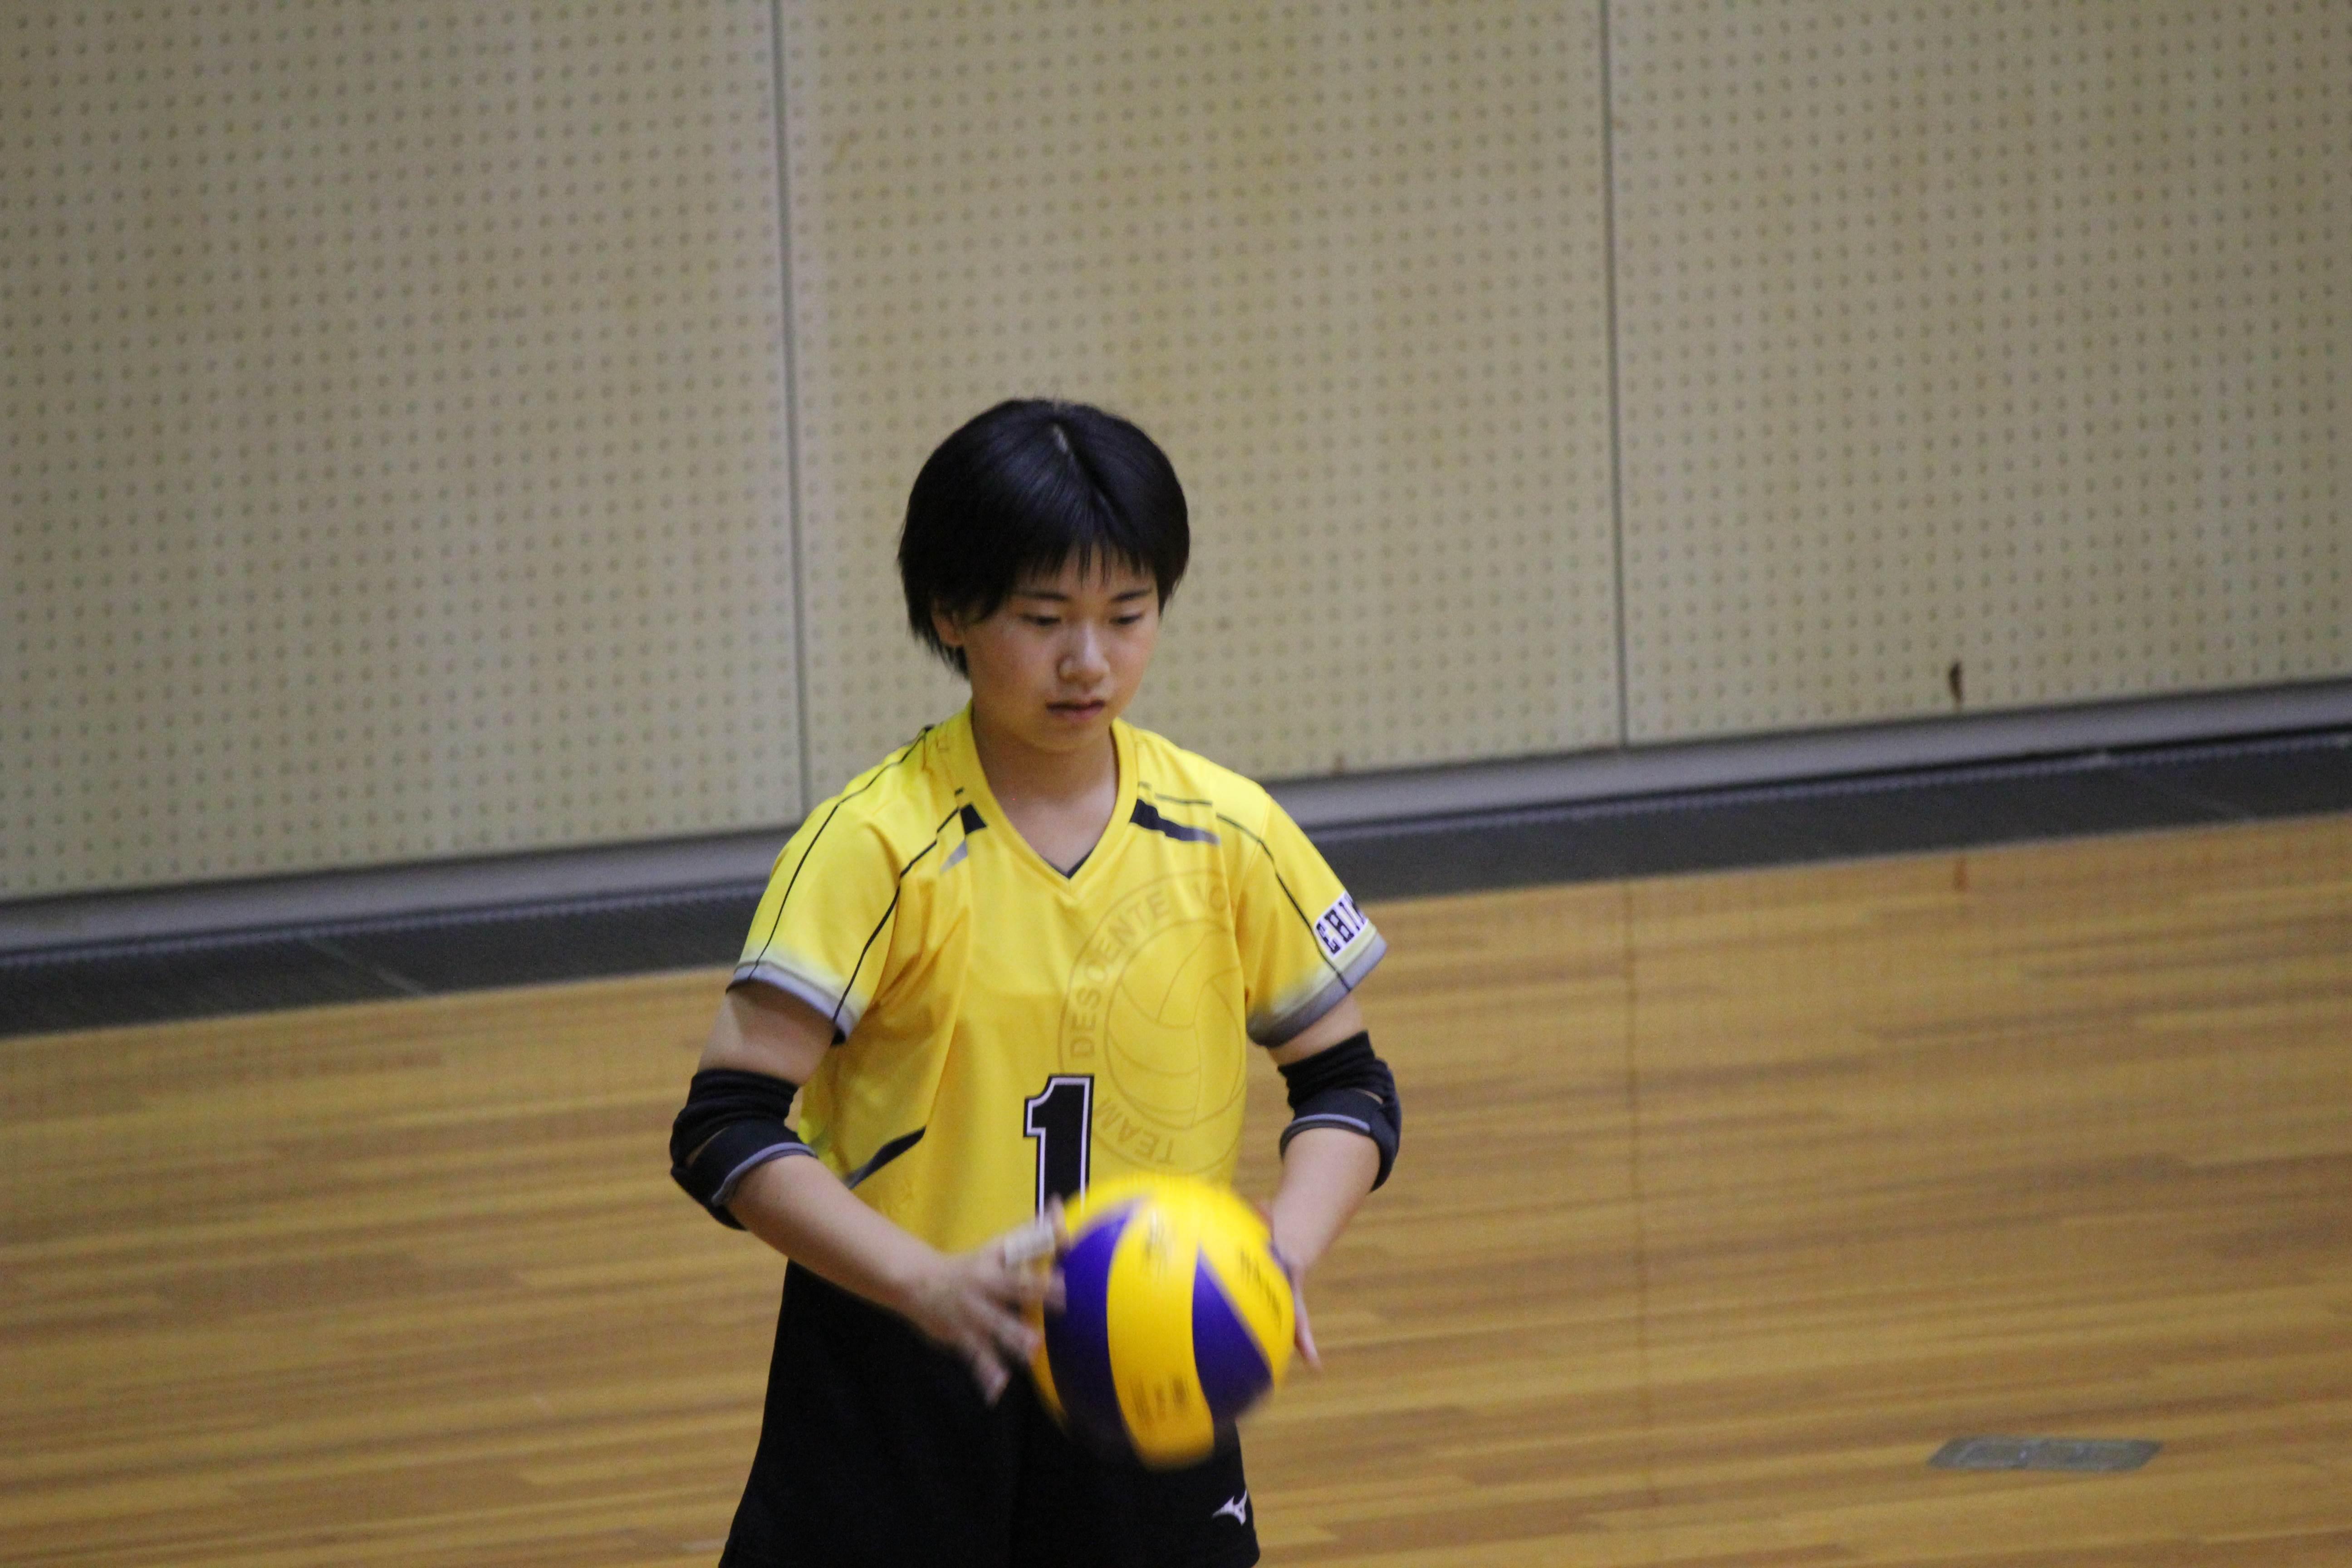 バレーボール (226)